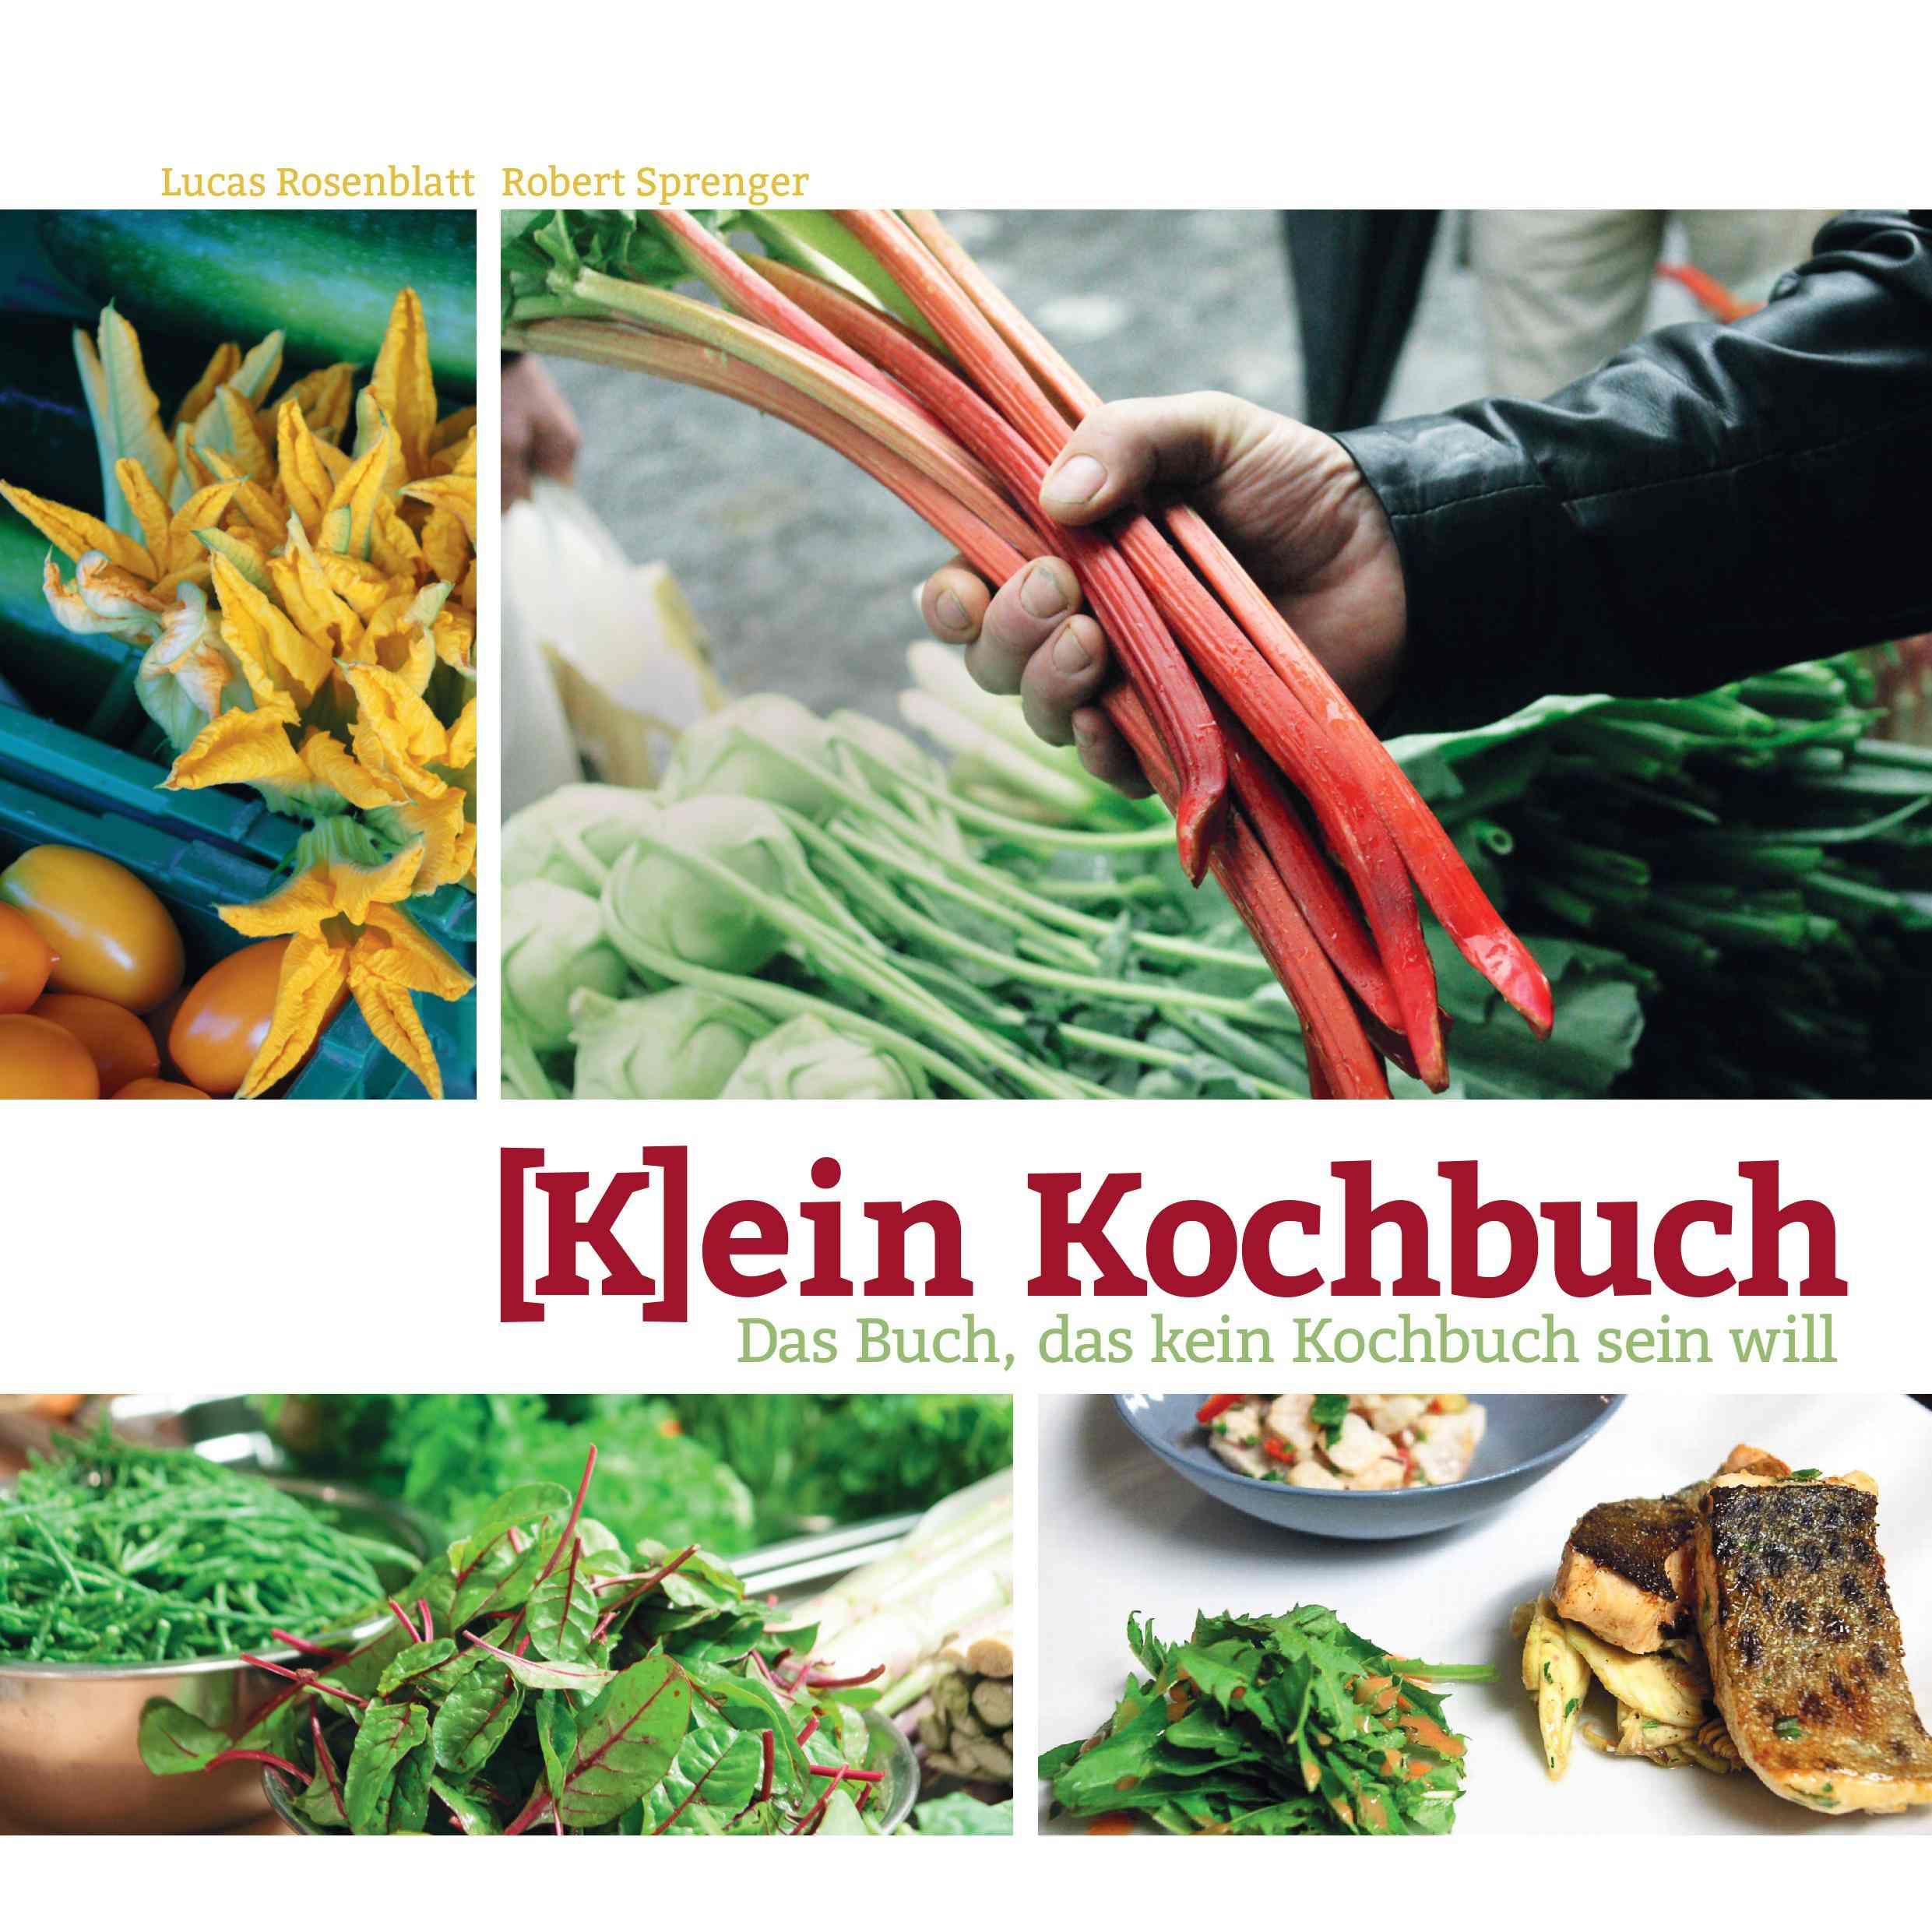 [K]ein Kochbuch